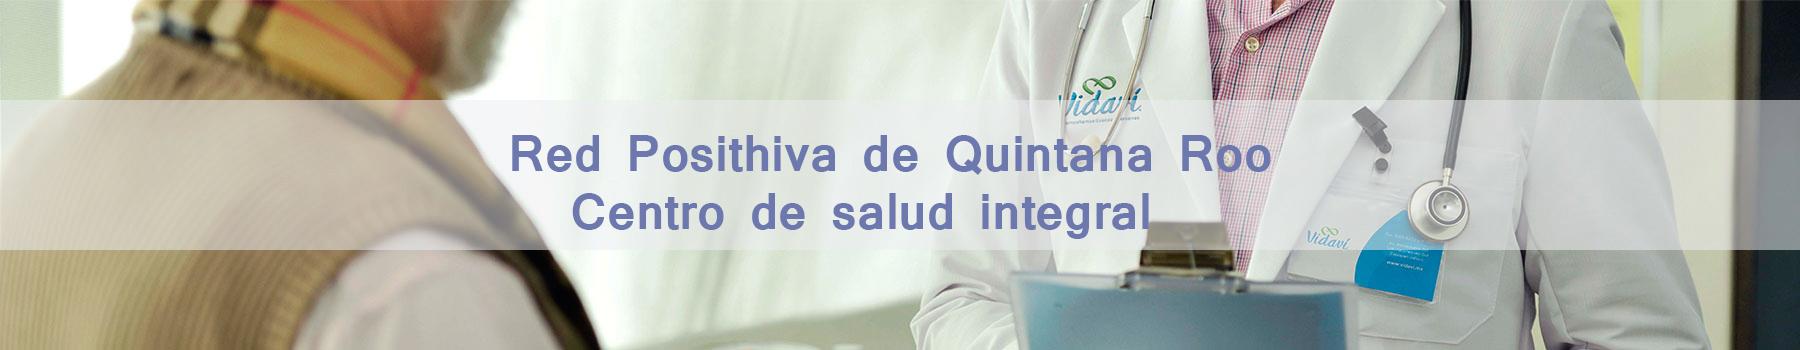 red-positiva-de-Quintana-roo1